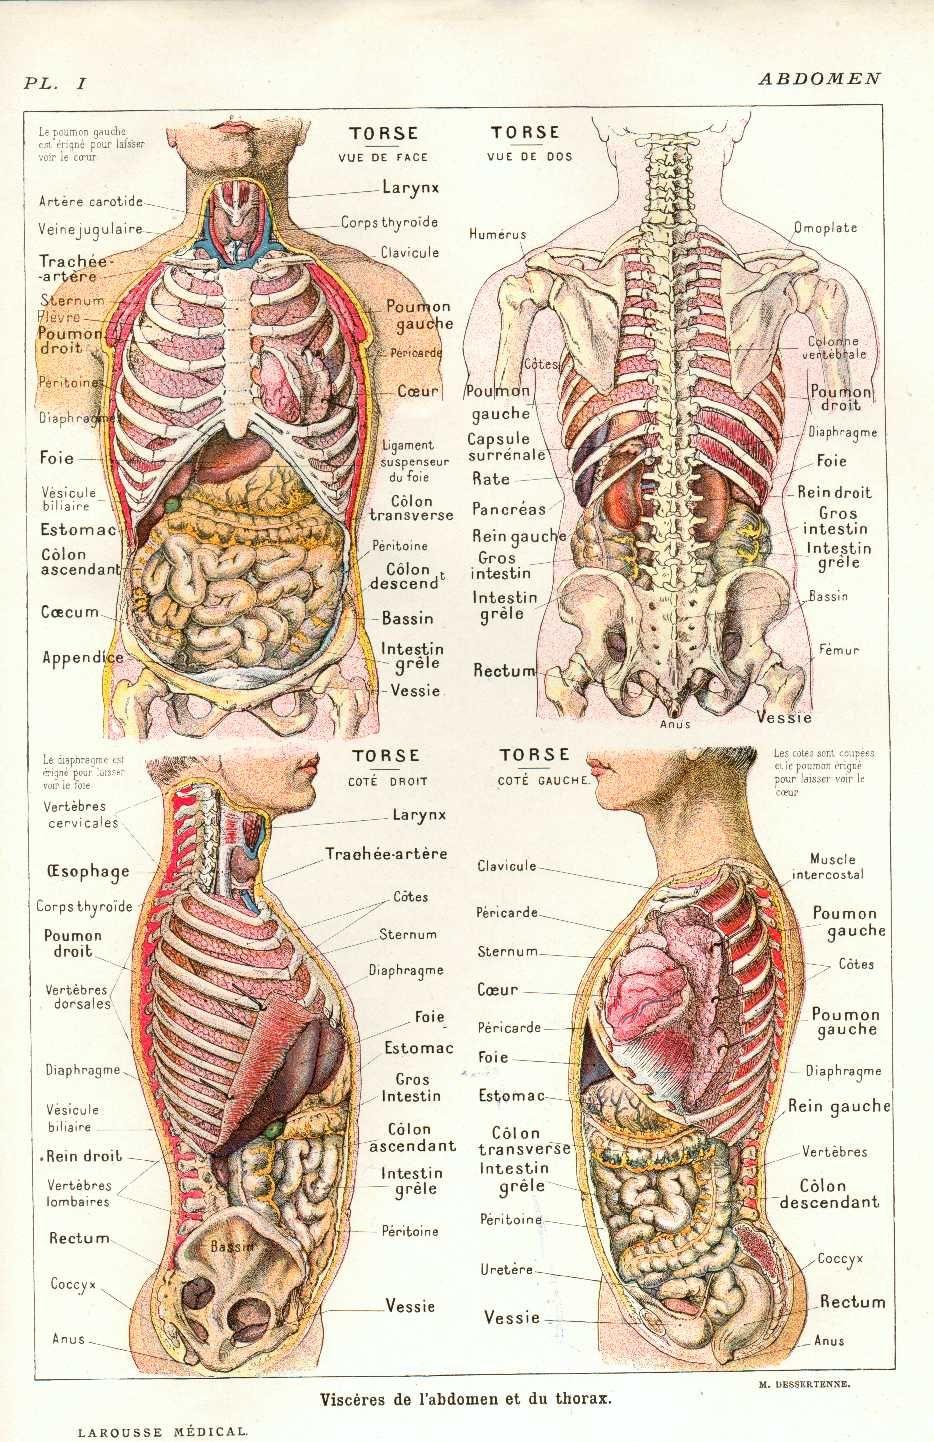 anatomie-thorax-abdomen-planches